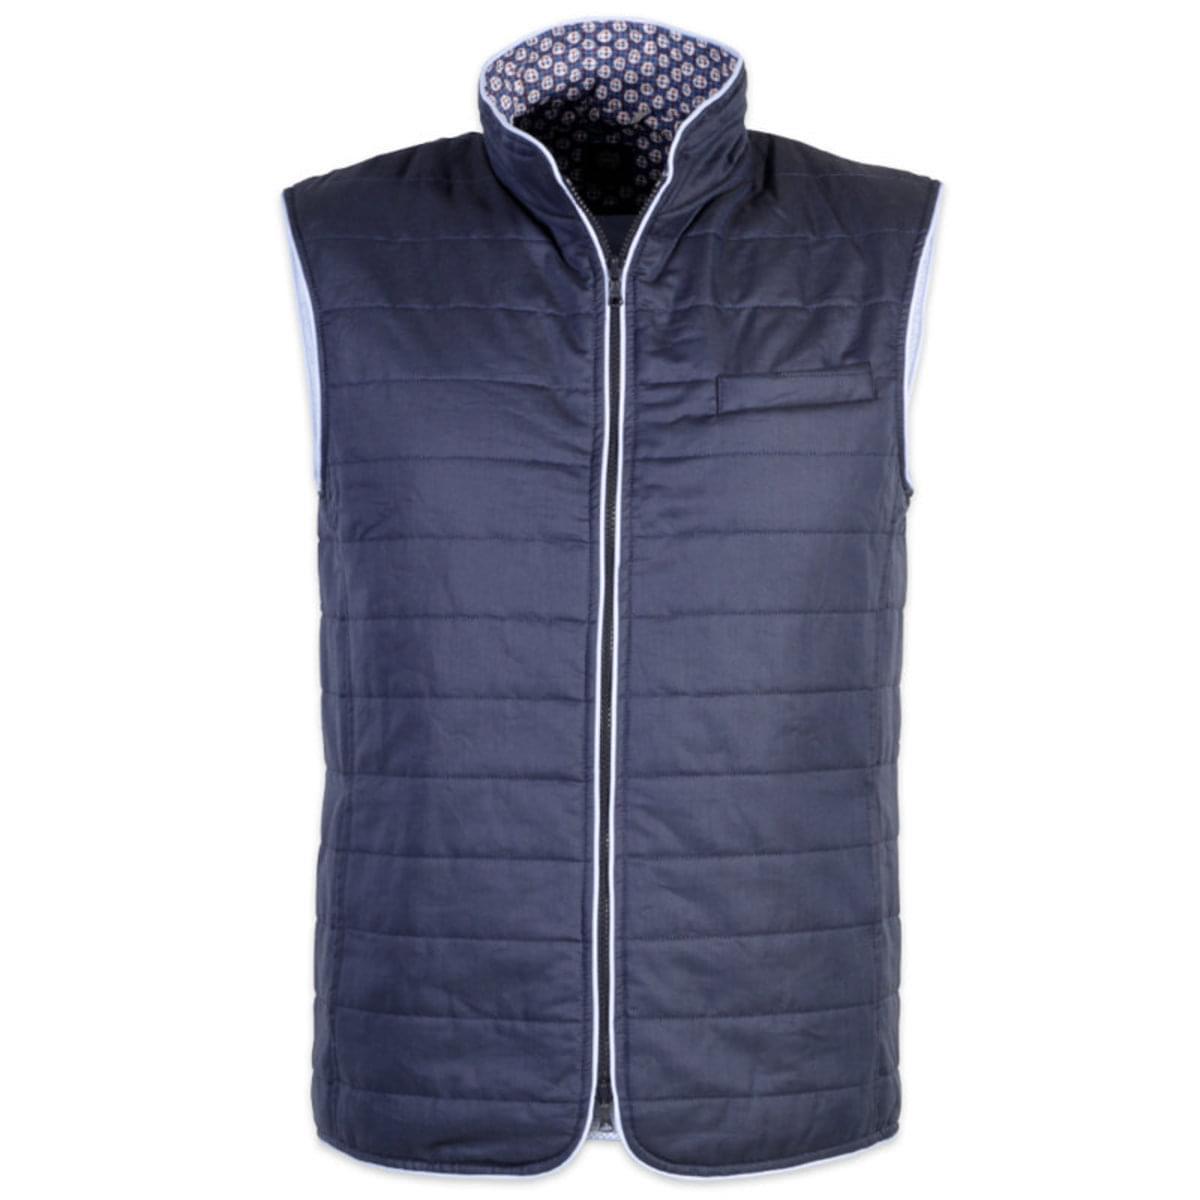 Pánská prošívaná vesta Robin 7543 ve tmavě modré barvě M